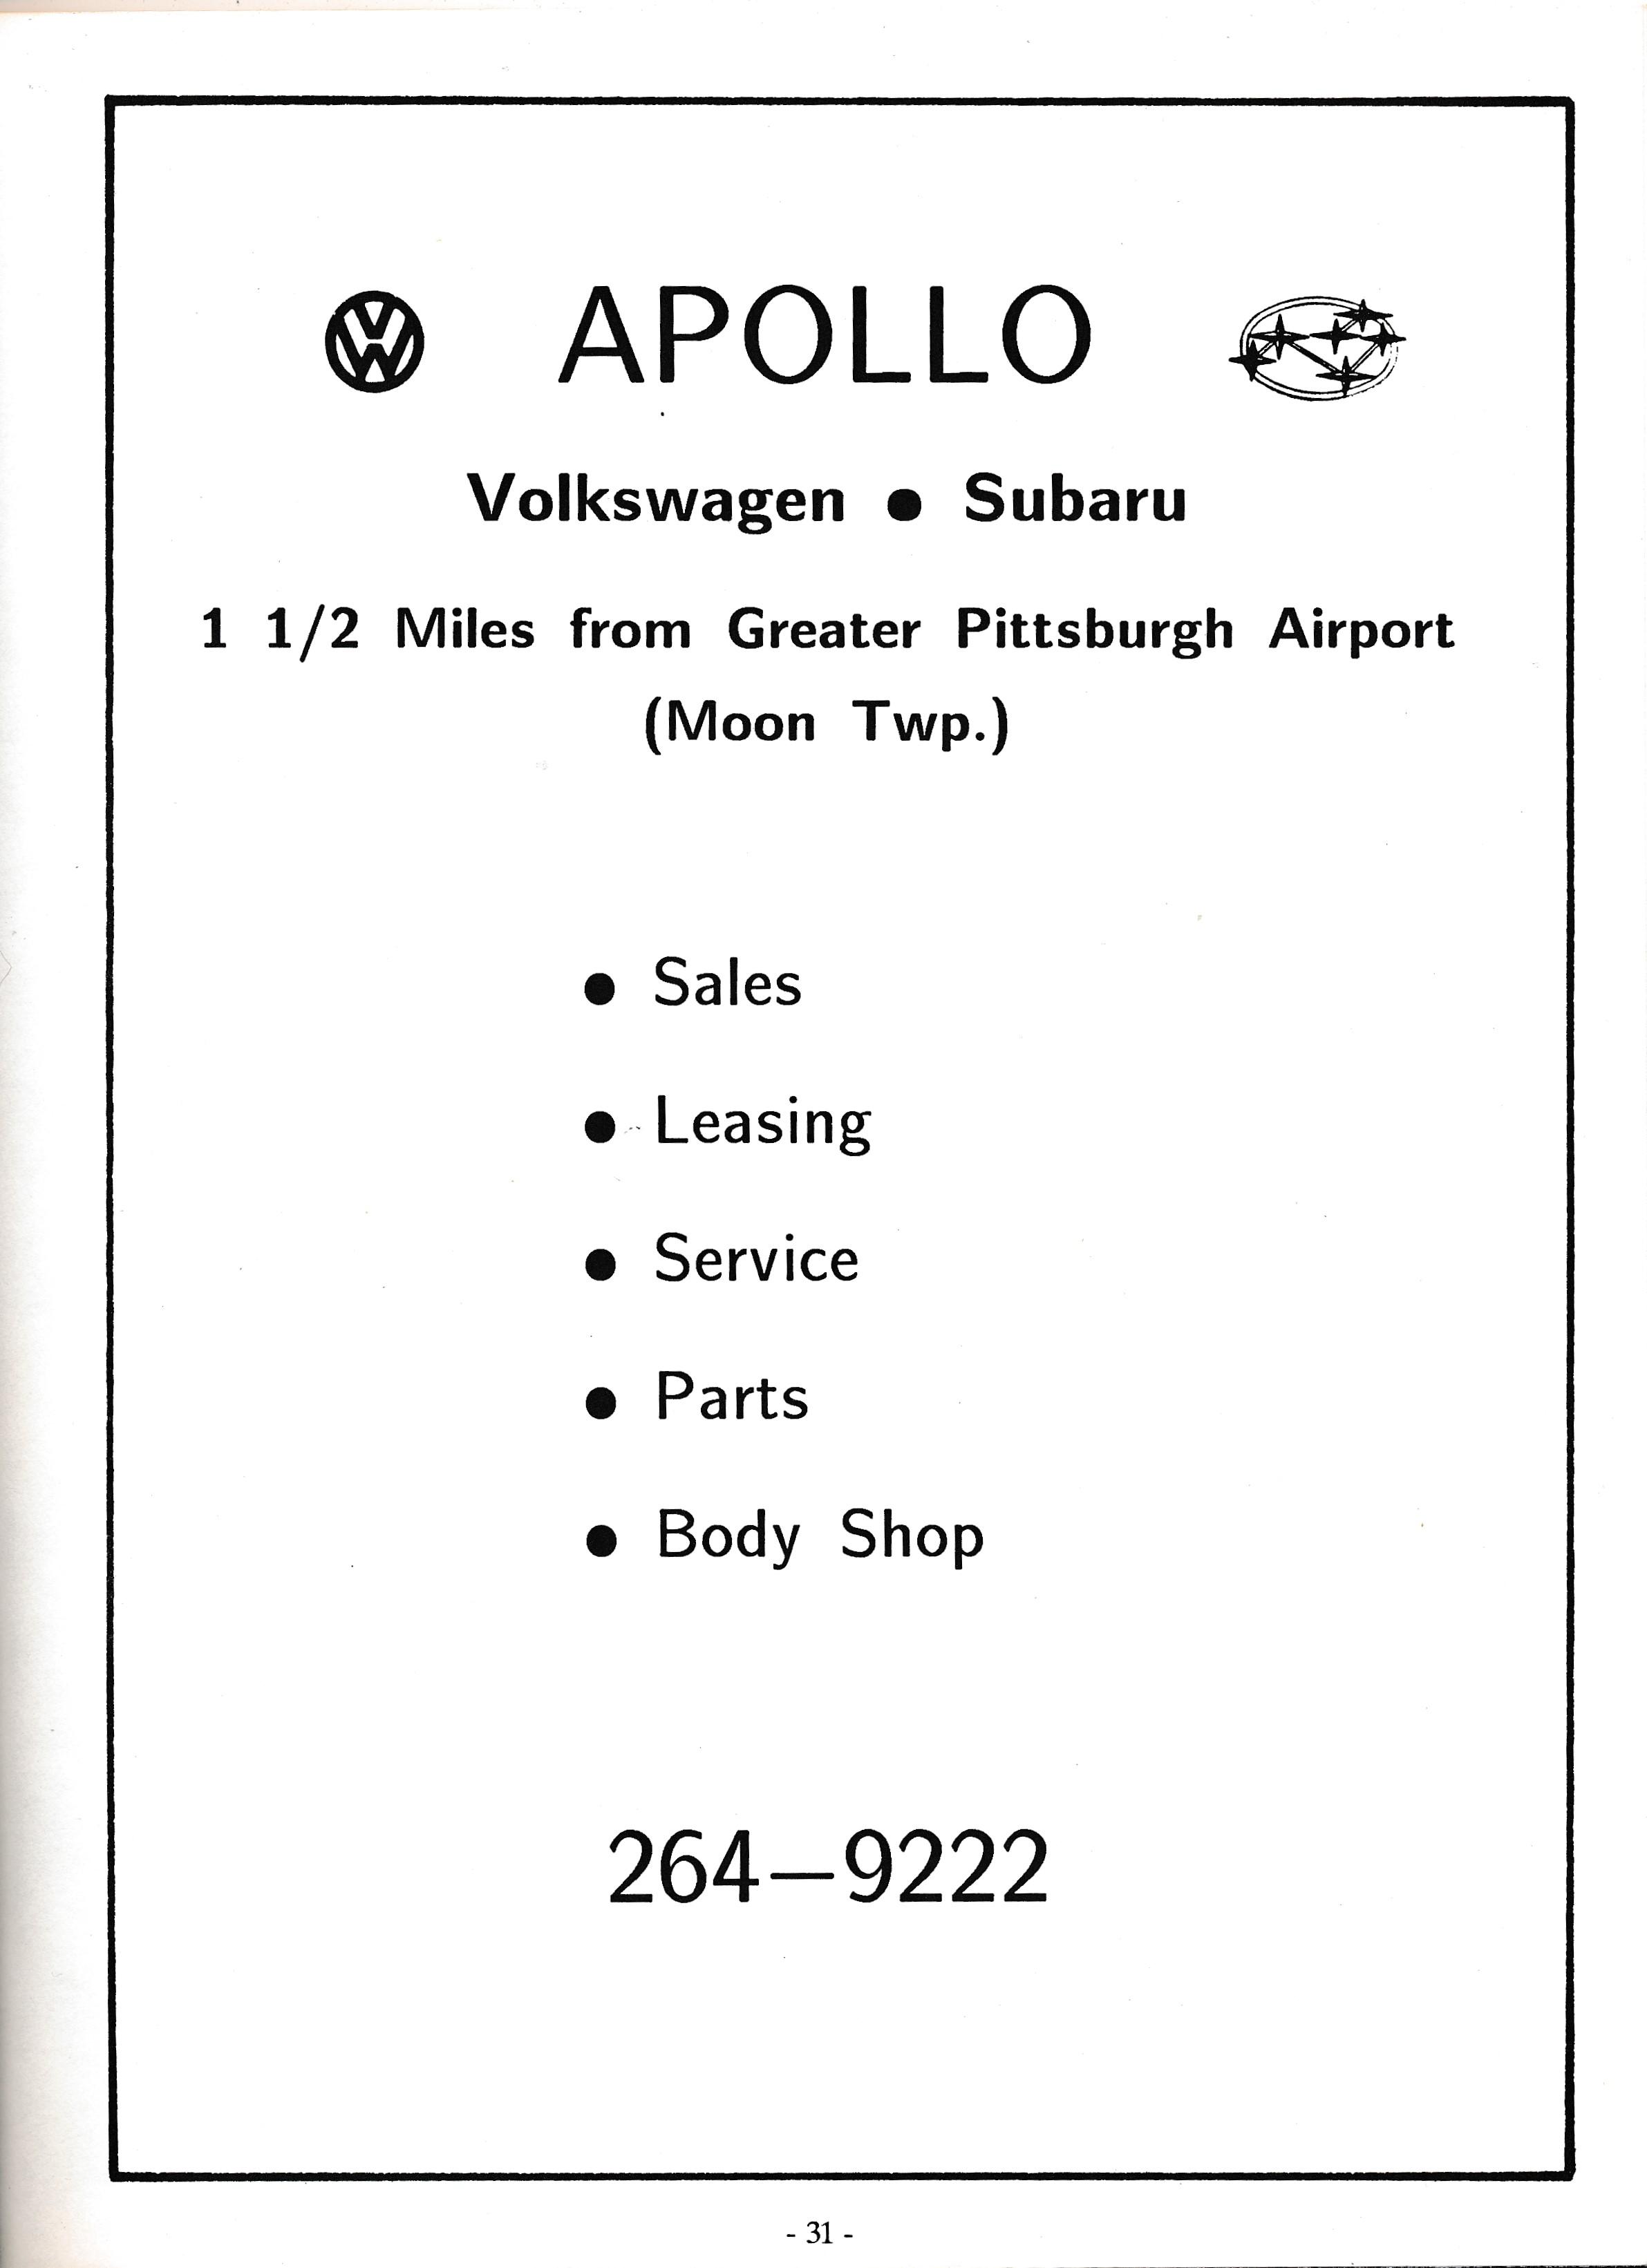 Coraopolis Centennial Booklet (33).jpg